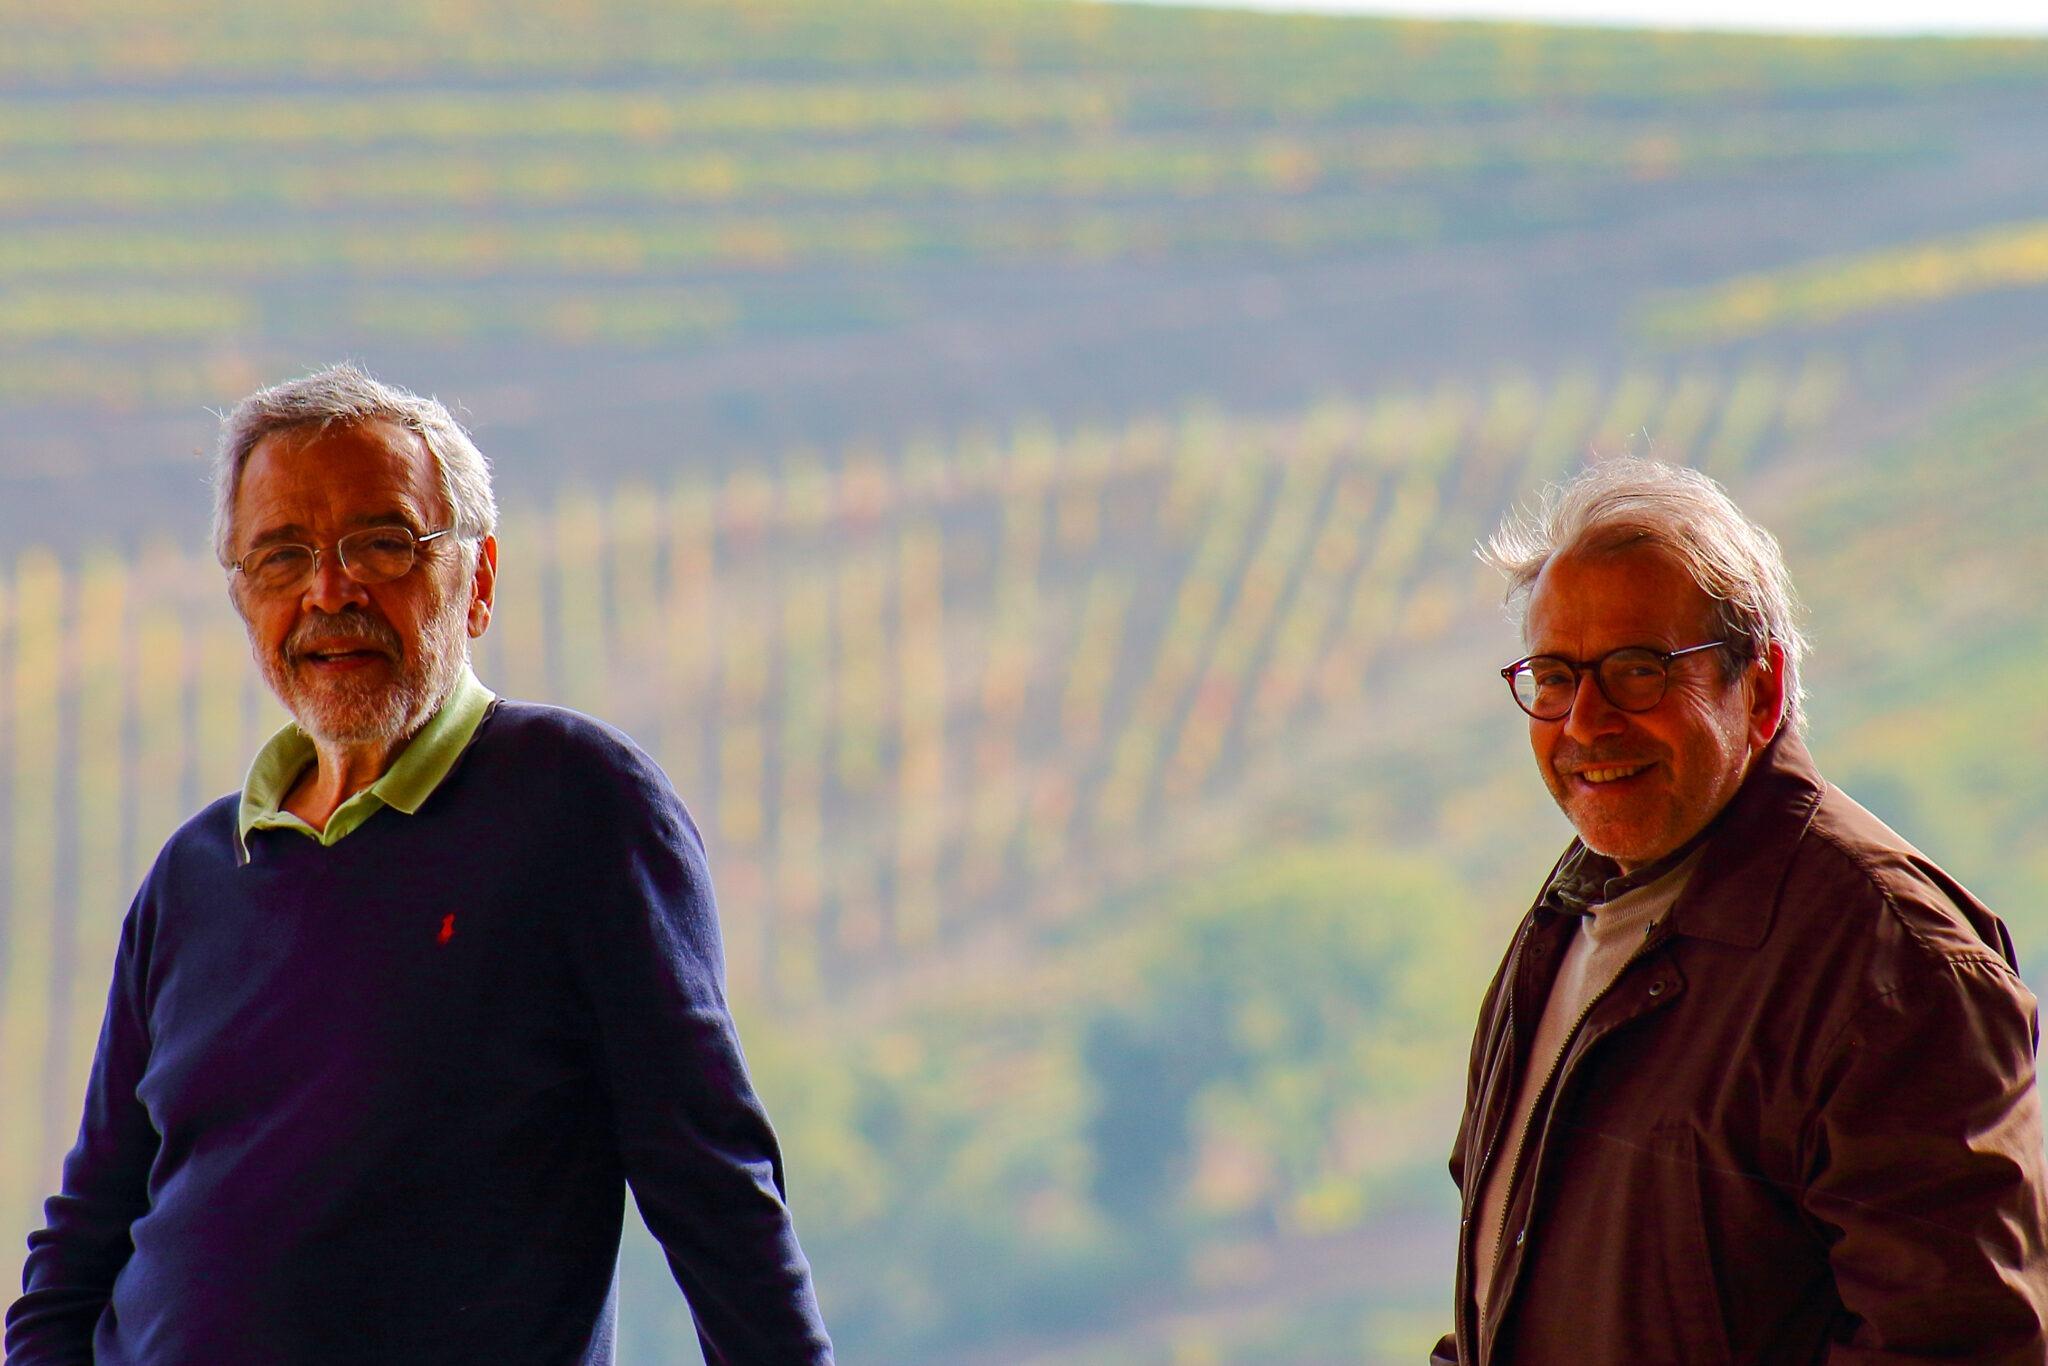 José Afonso Alves Castanheira e Luiz Antônio Corrêa Nunes Vianna de Oliveira, proprietários da Duas Árvores